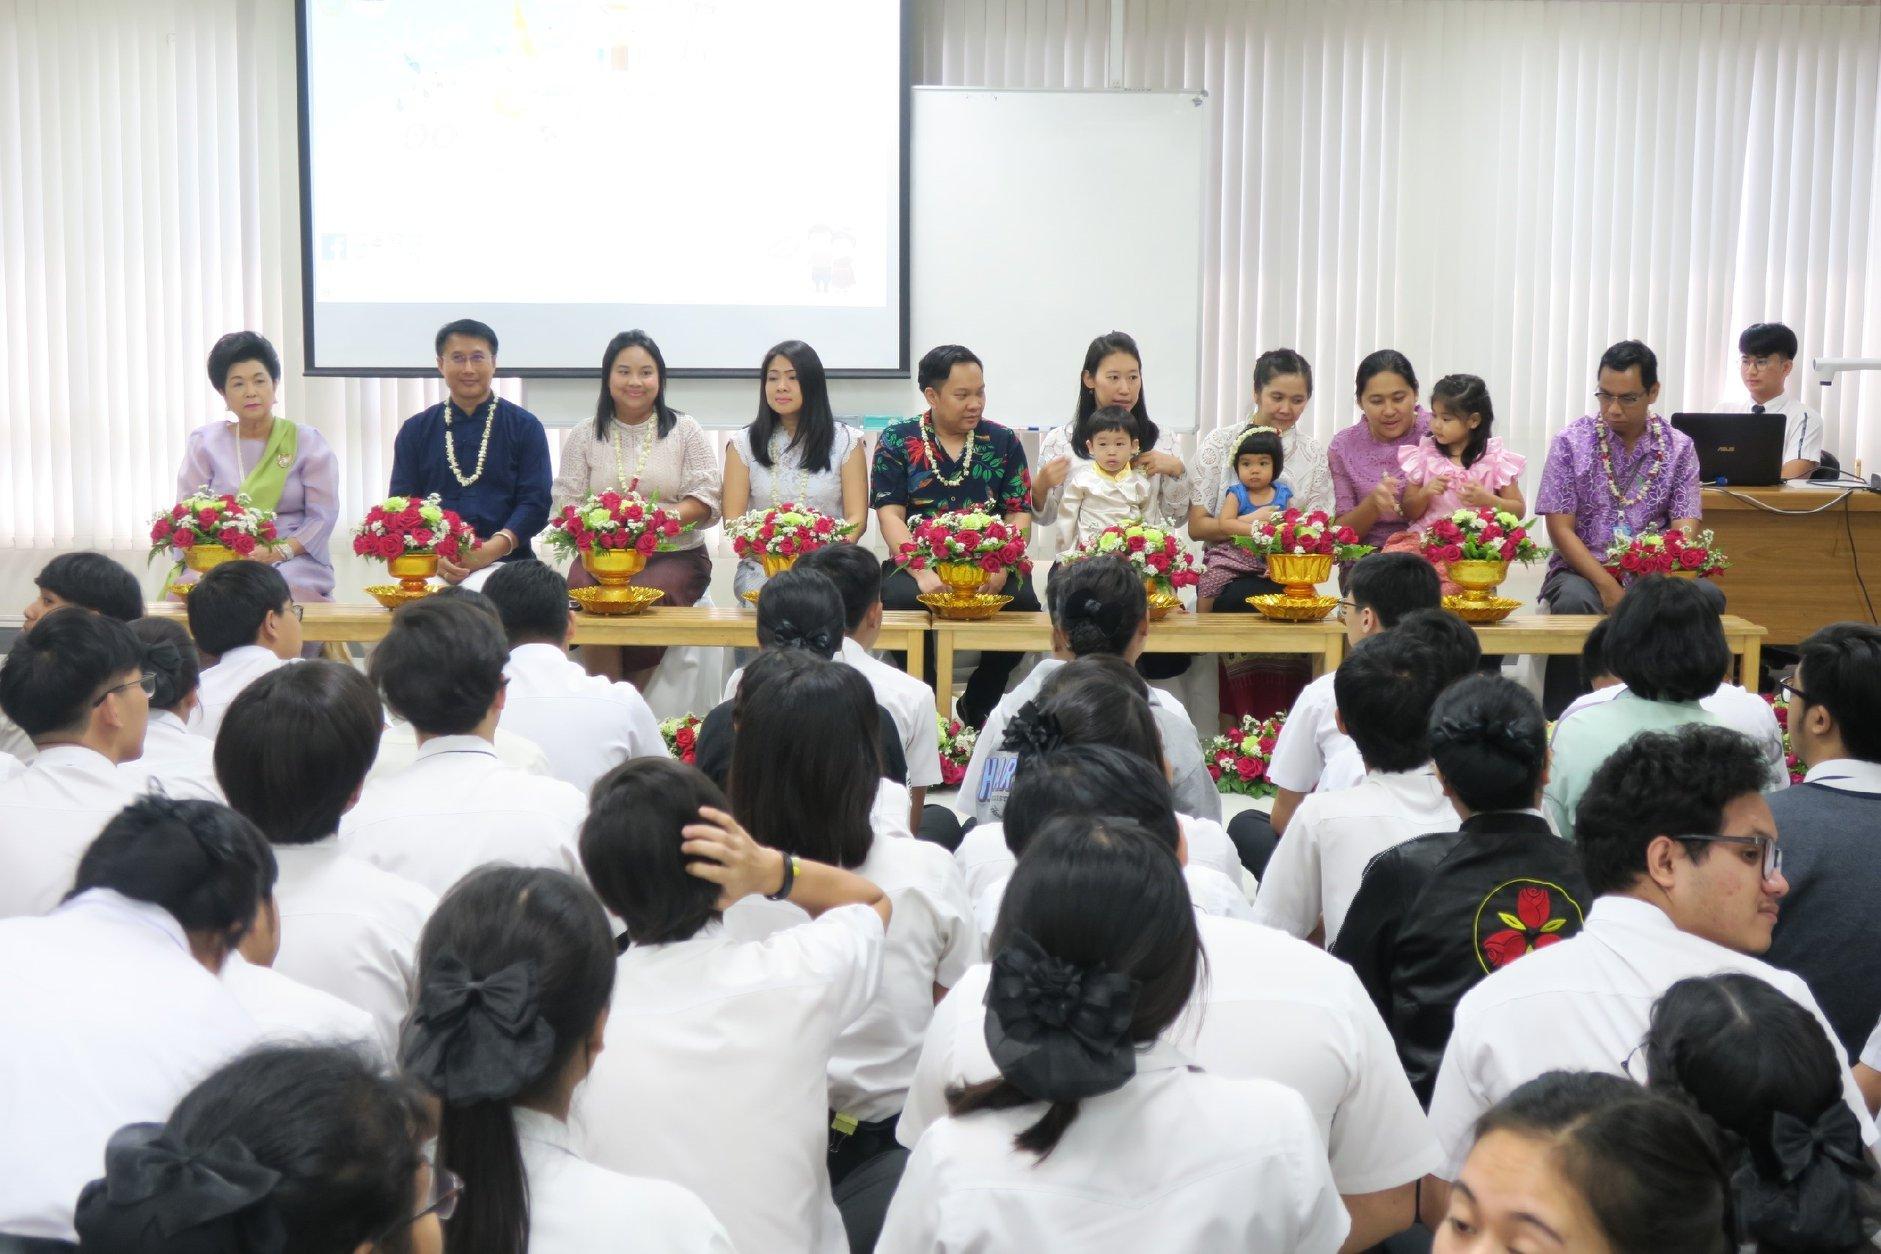 กิจกรรม Dbizcomสวัสดีปีใหม่ไทย ประจำปี 2561